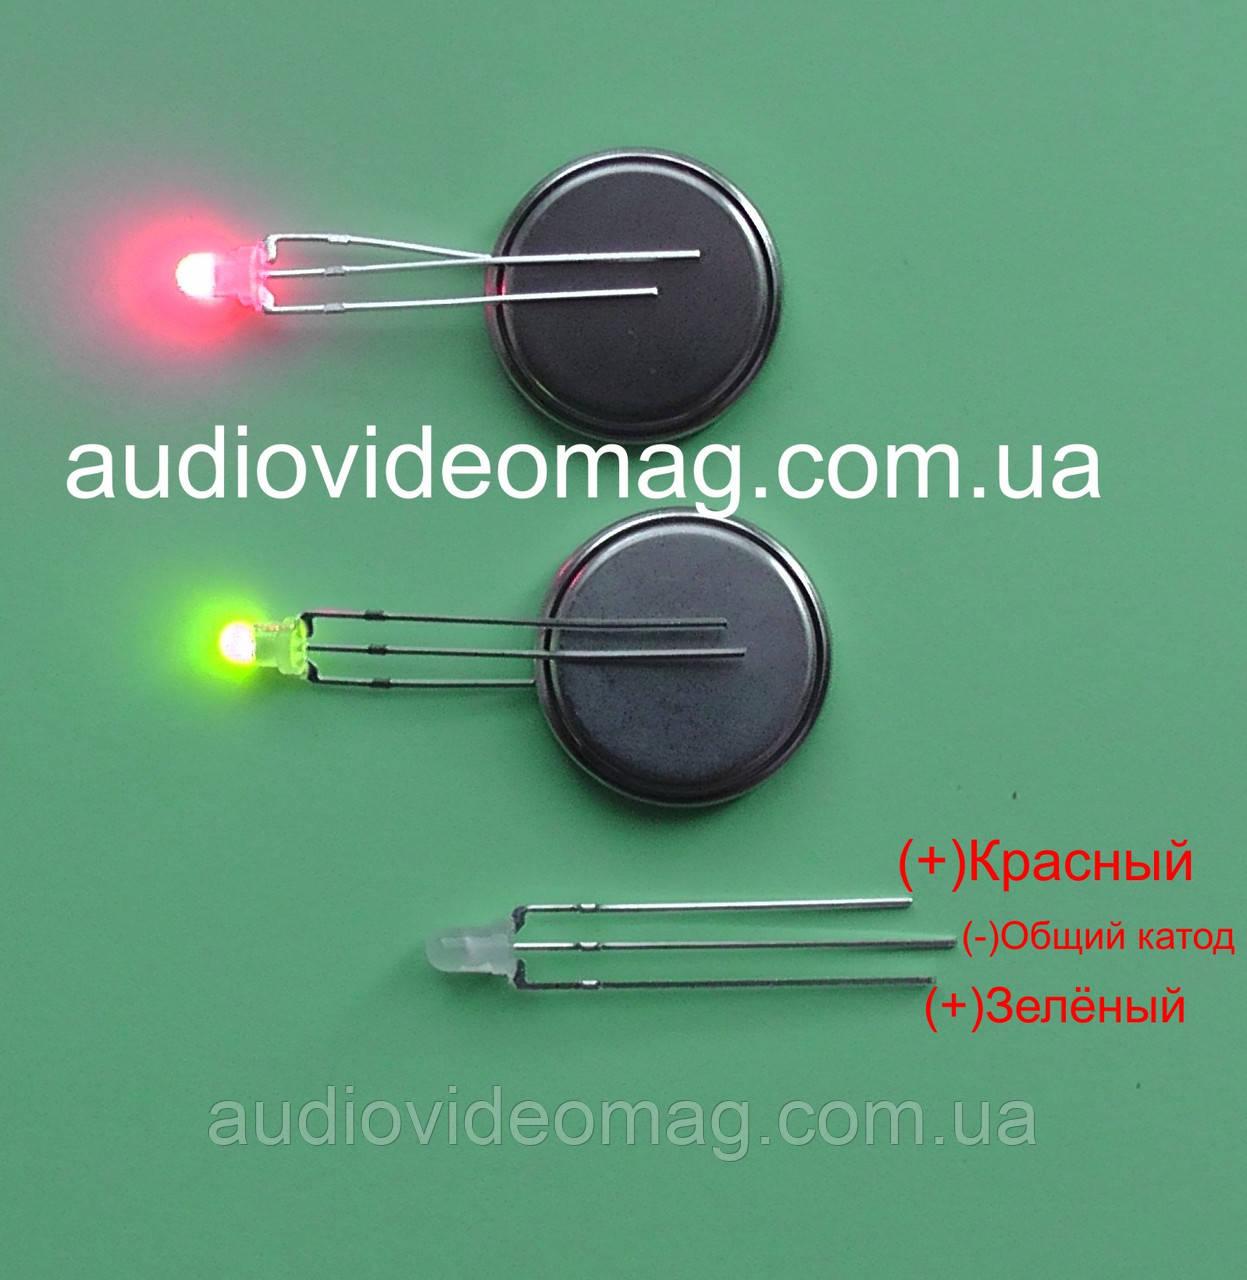 Светодиод 3V 3 мм с общим КАТОДОМ, двухцветный, красный и зеленый